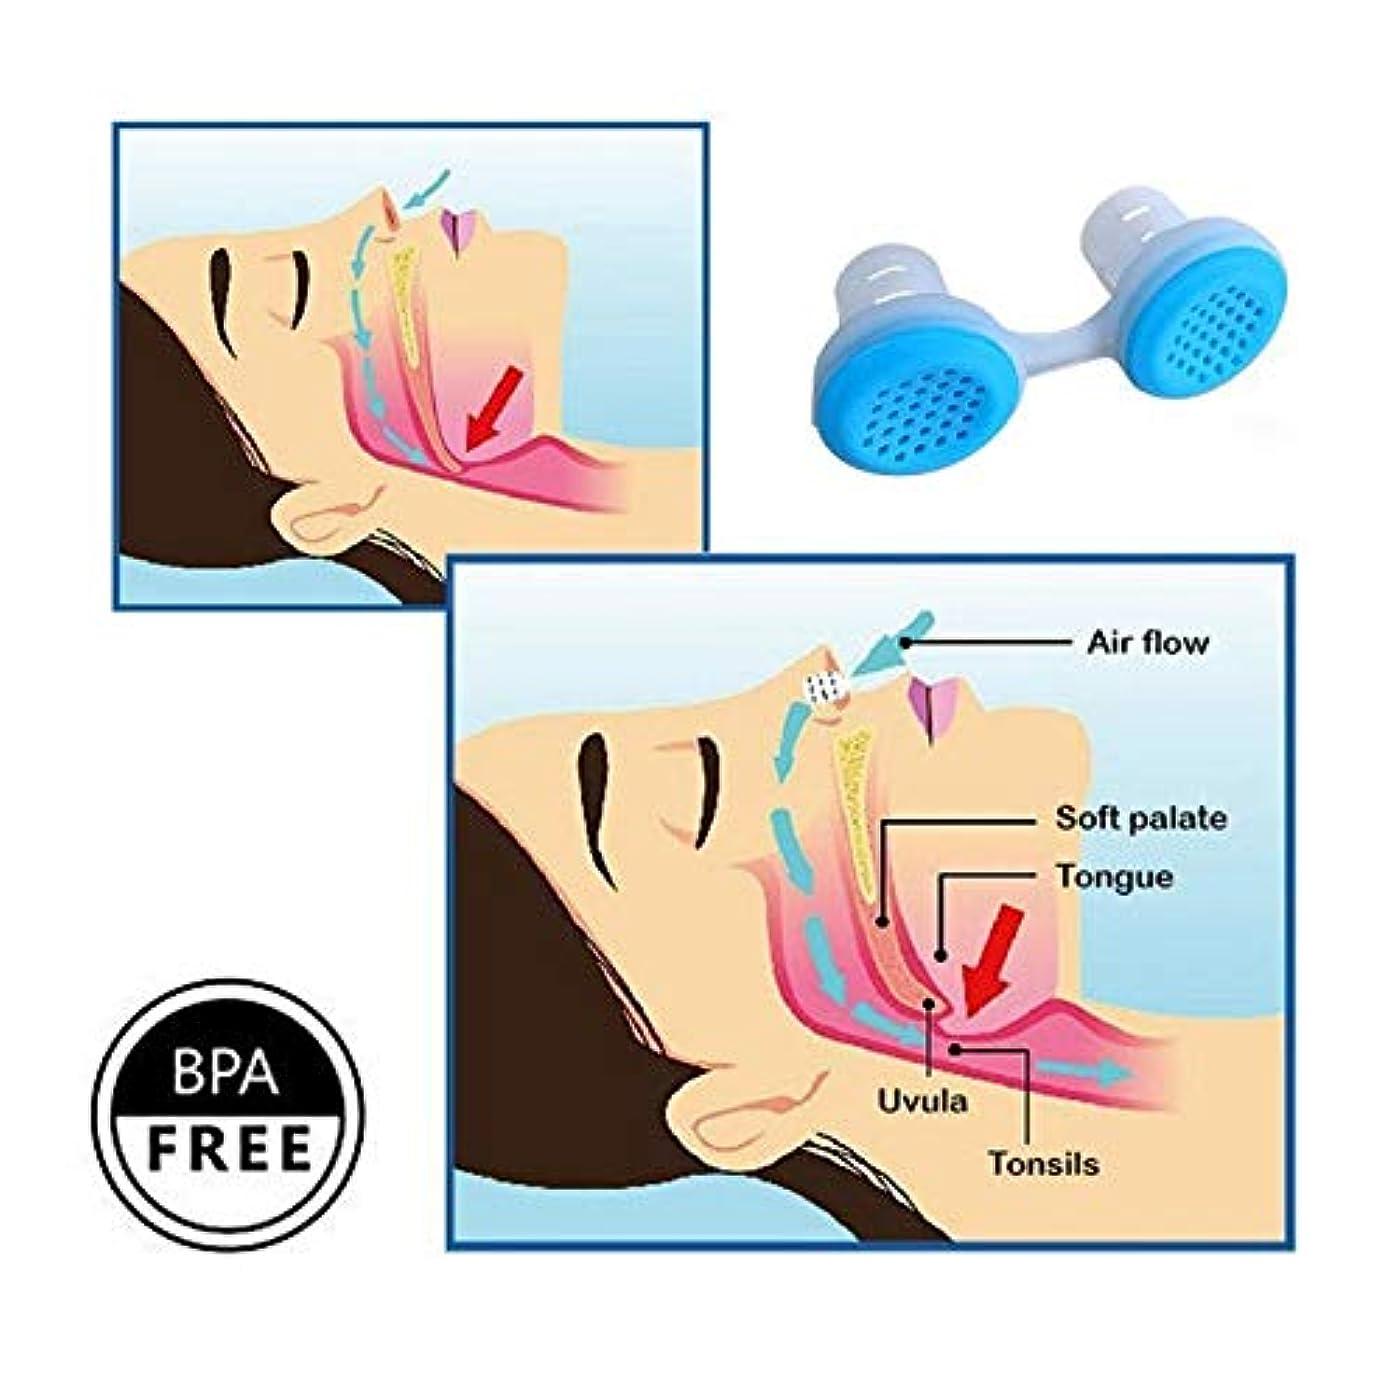 急行する広告定規NOTE 1ピース緩和いびき鼻いびき停止呼吸装置ガード睡眠補助ミニいびき装置アンチいびきシリコーンC2